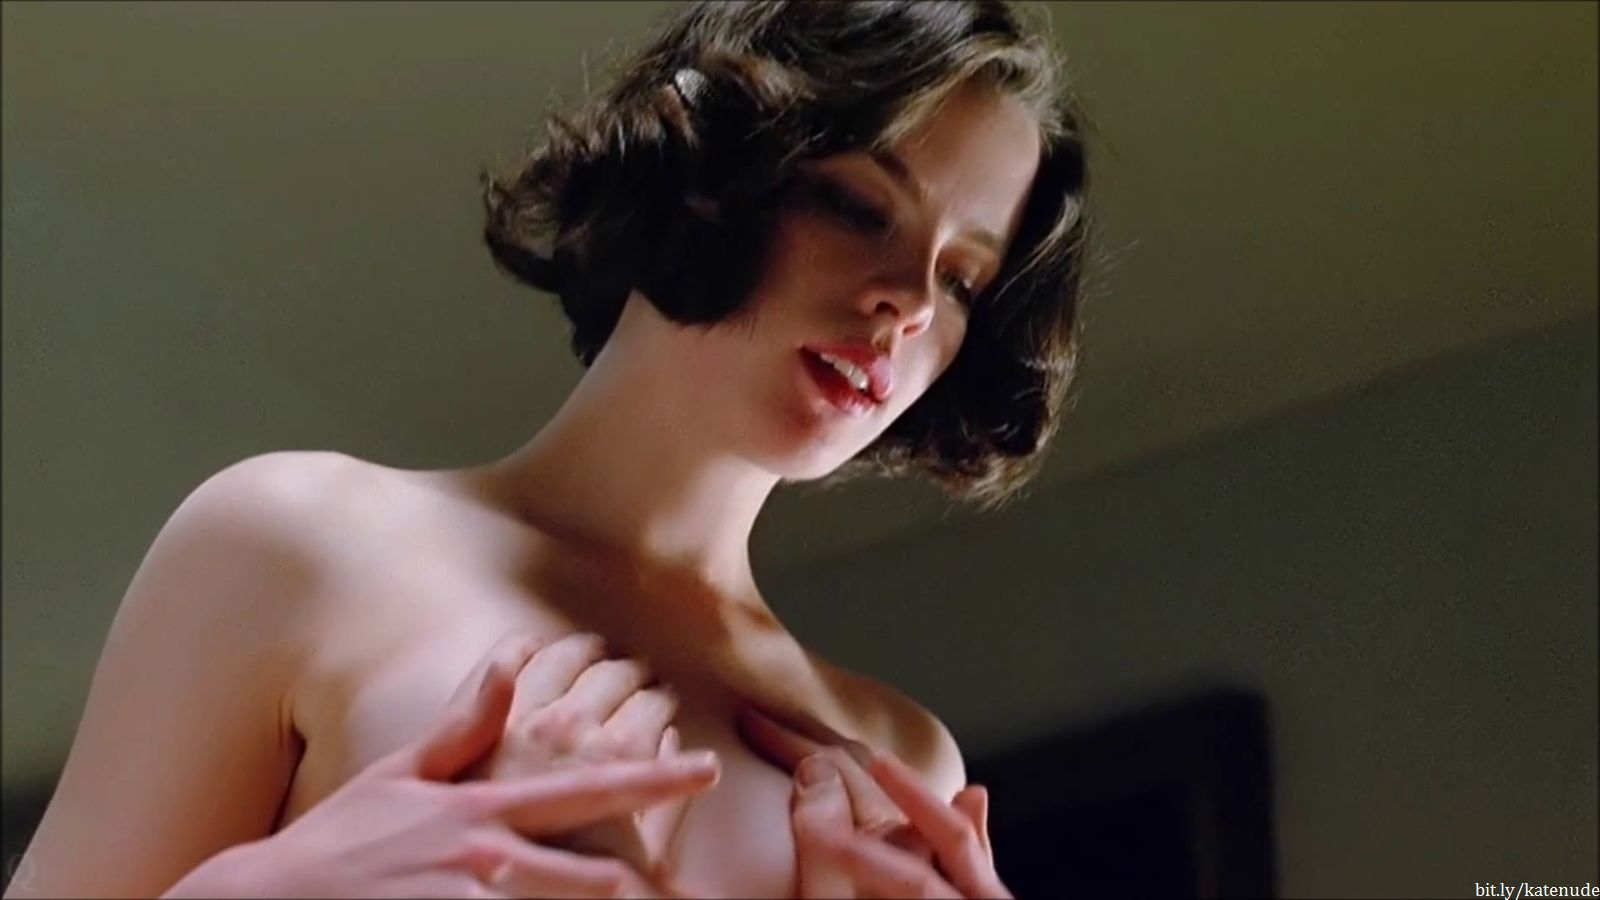 Kim delaney nude bondage